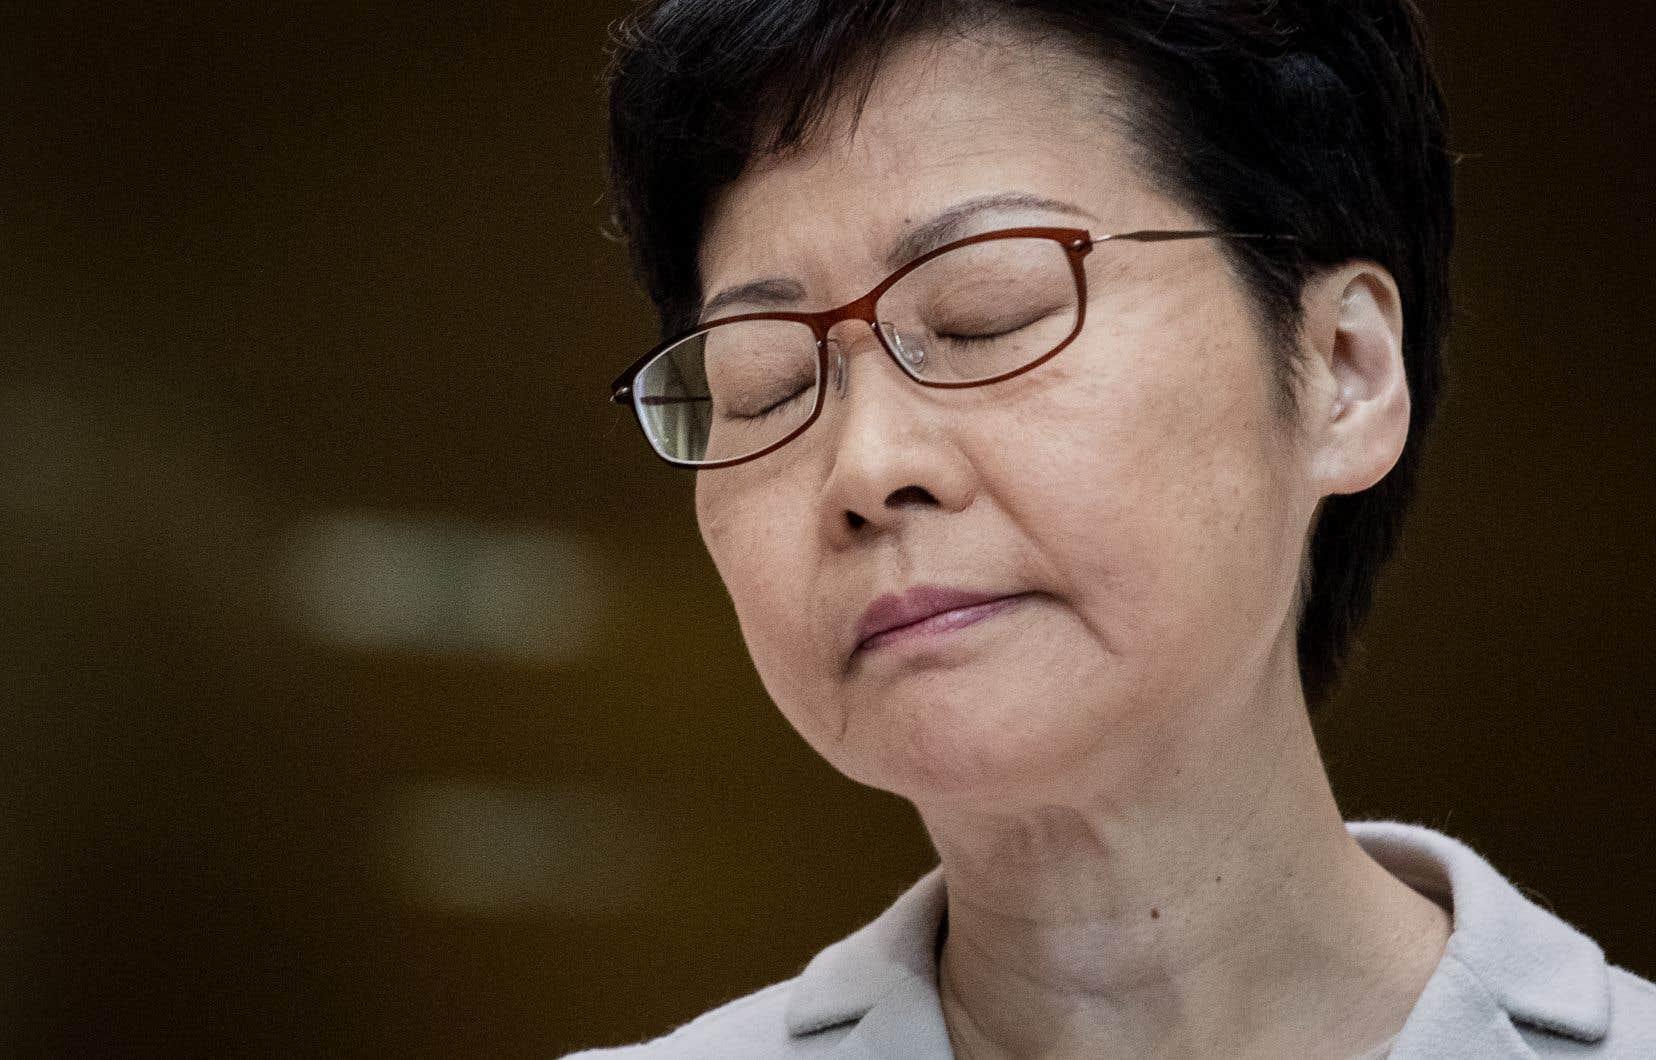 La dirigeante hongkongaise Carrie Lam, qui cristallise la colère des manifestants, s'est engagée mardi à «améliorer la gouvernance» de l'exécutif.